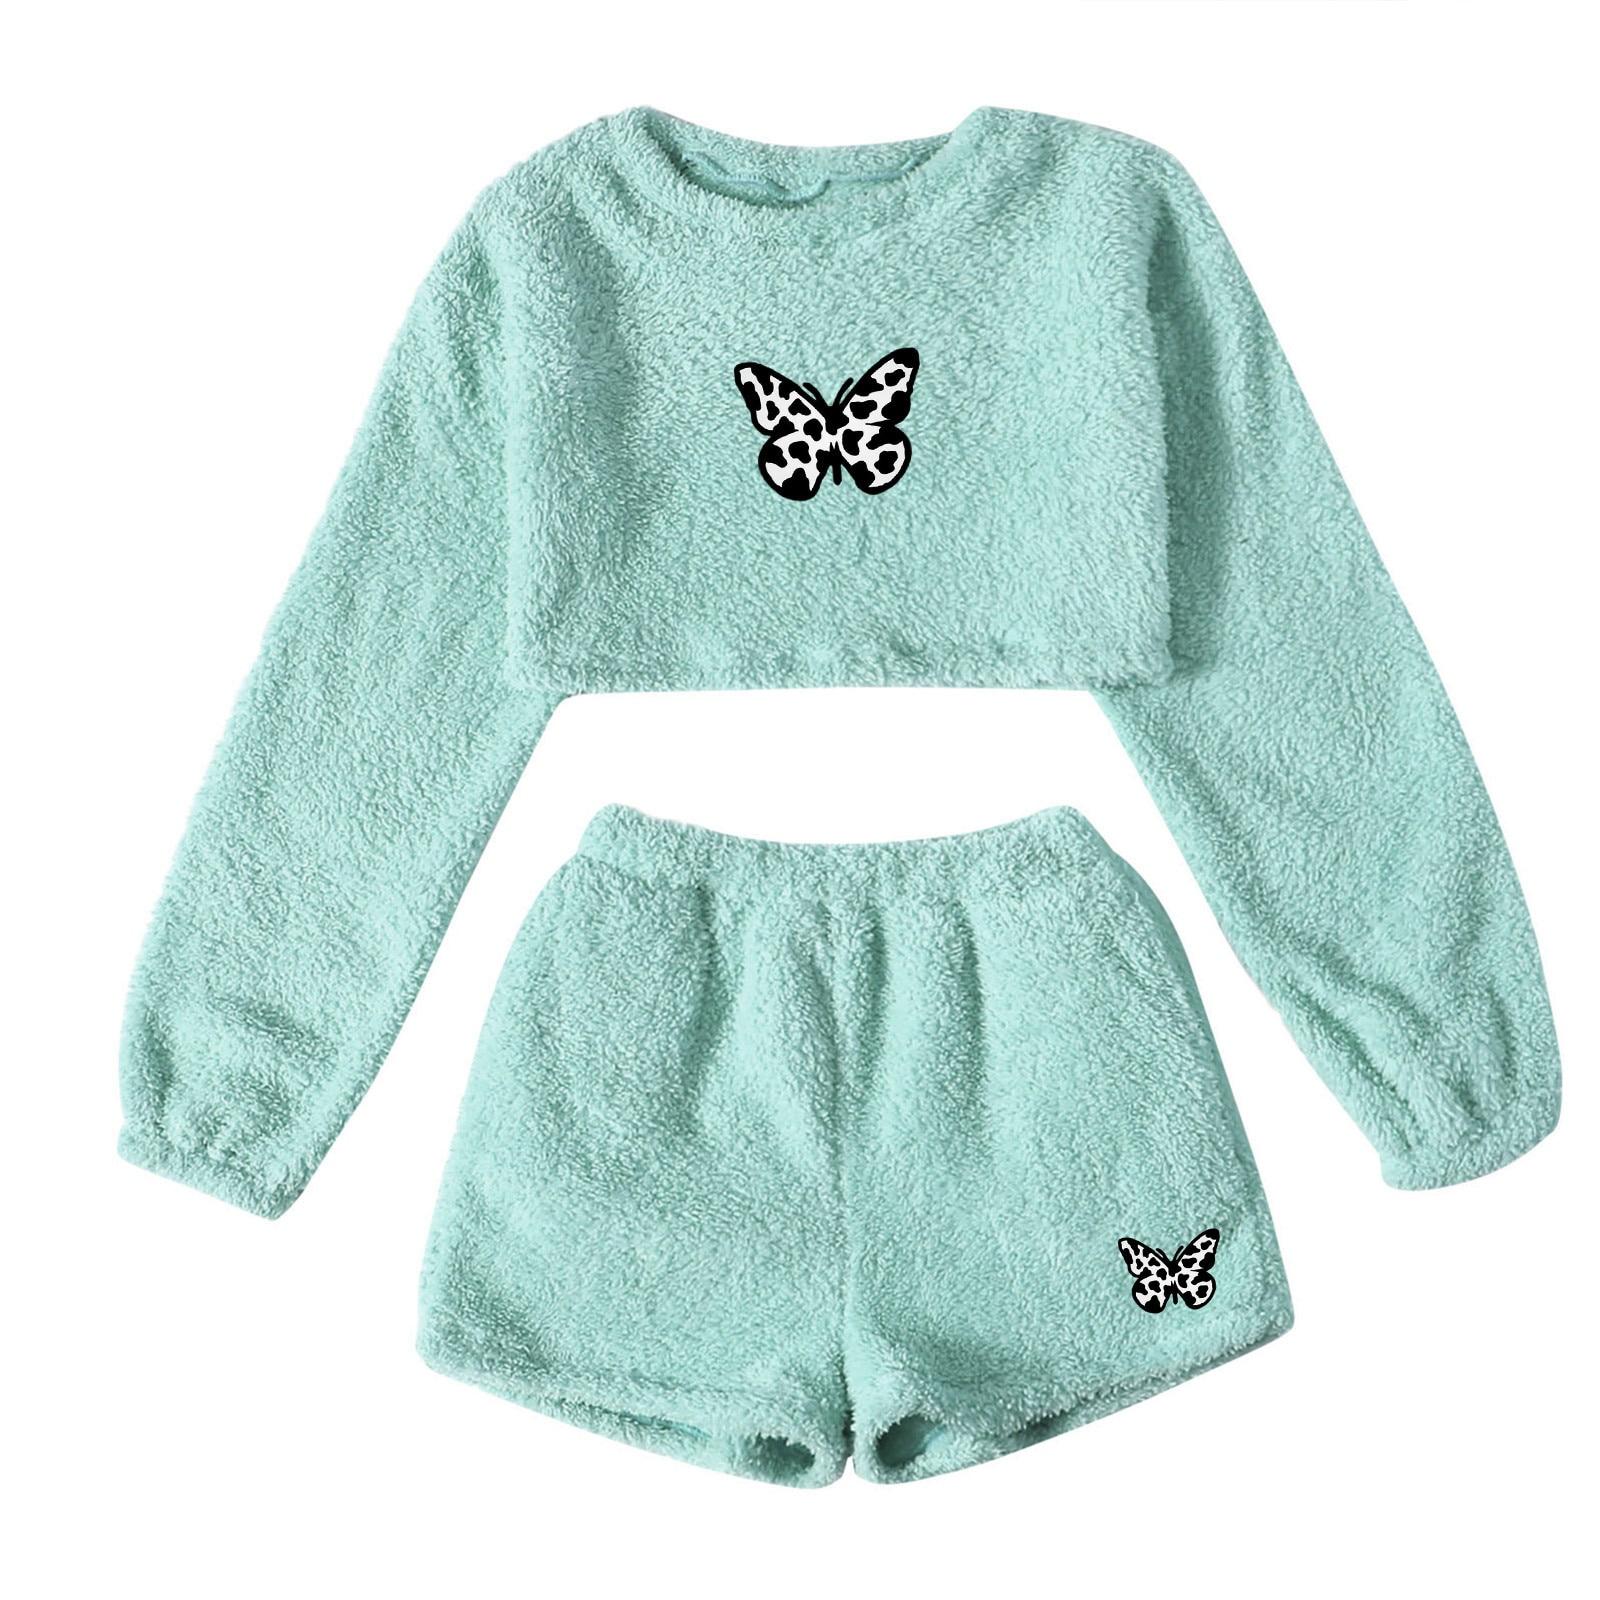 Camisetas con estampado de mariposa para mujer, jersey con cuello redondo, camisetas de Manga larga y pantalones cortos, moda para mujer 2021